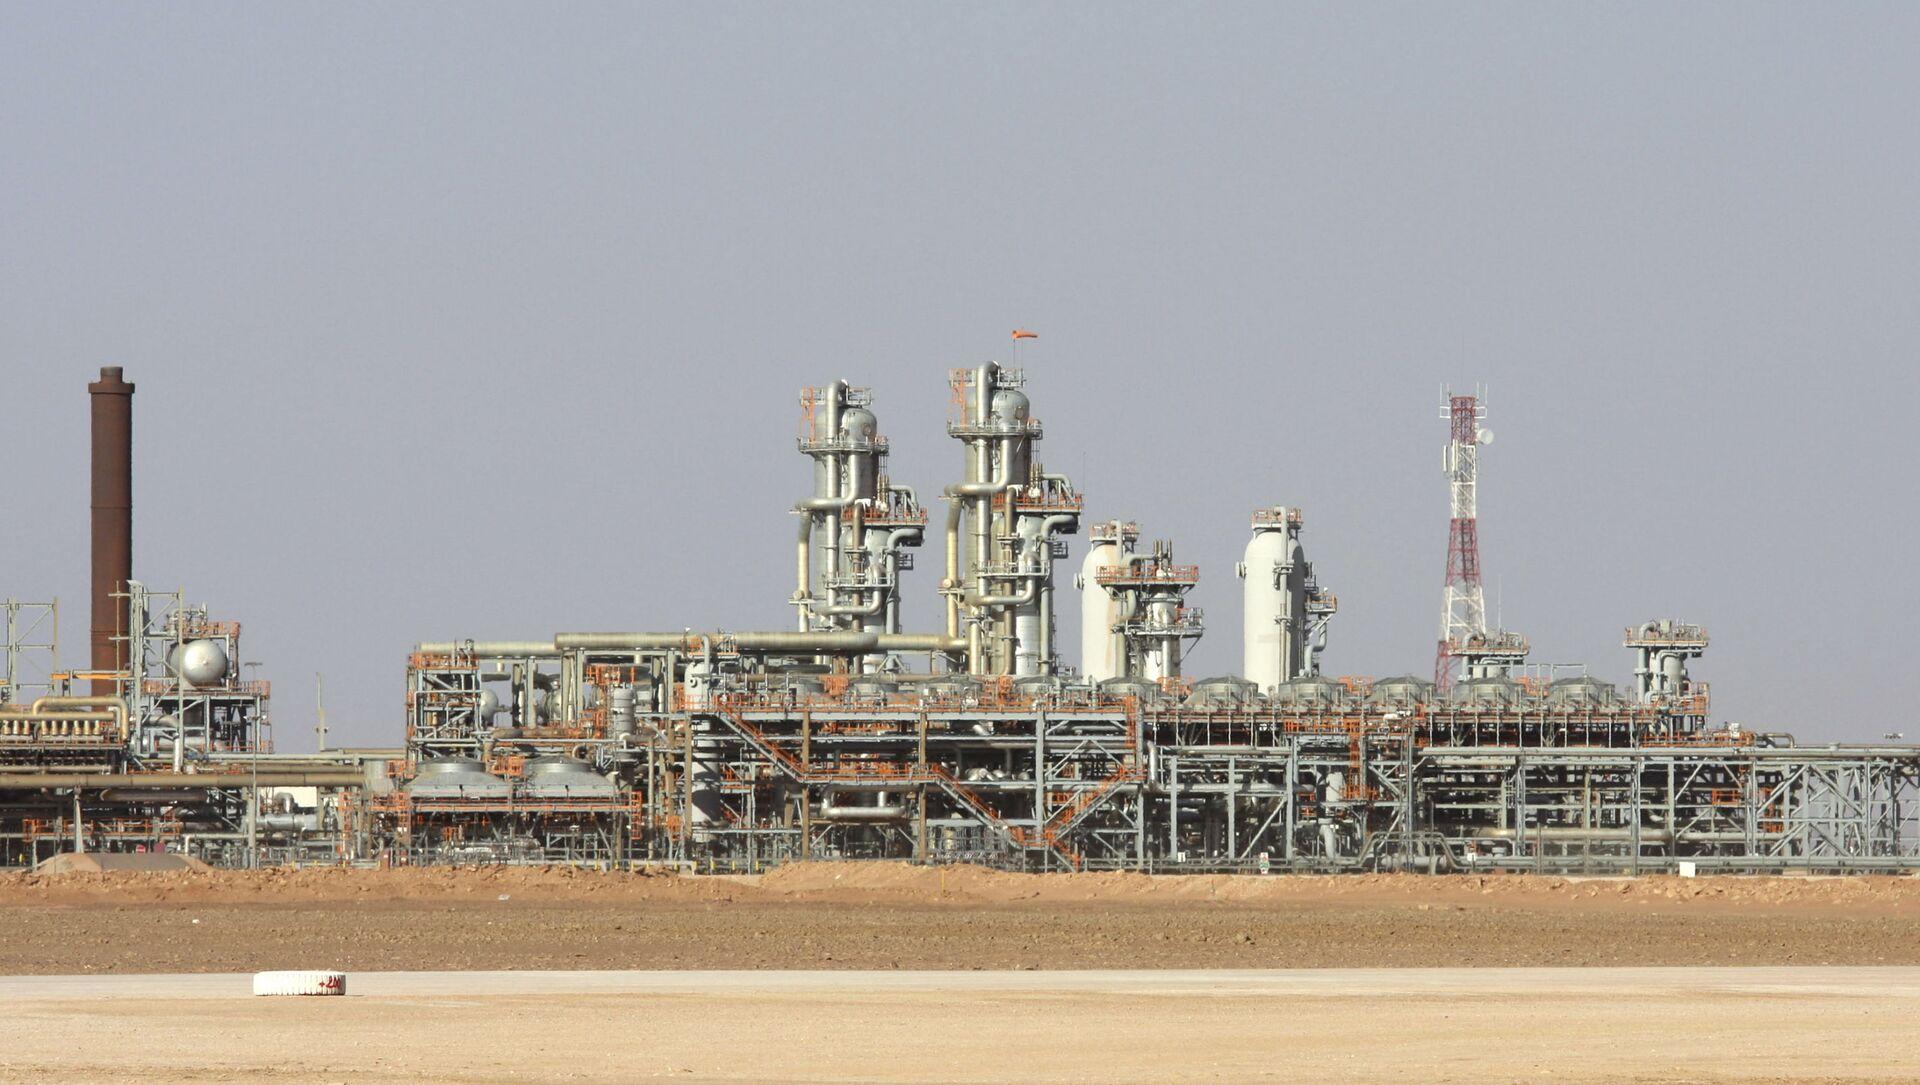 L'usine à gaz de Krechba, dans le Sahara algérien - Sputnik France, 1920, 20.08.2021